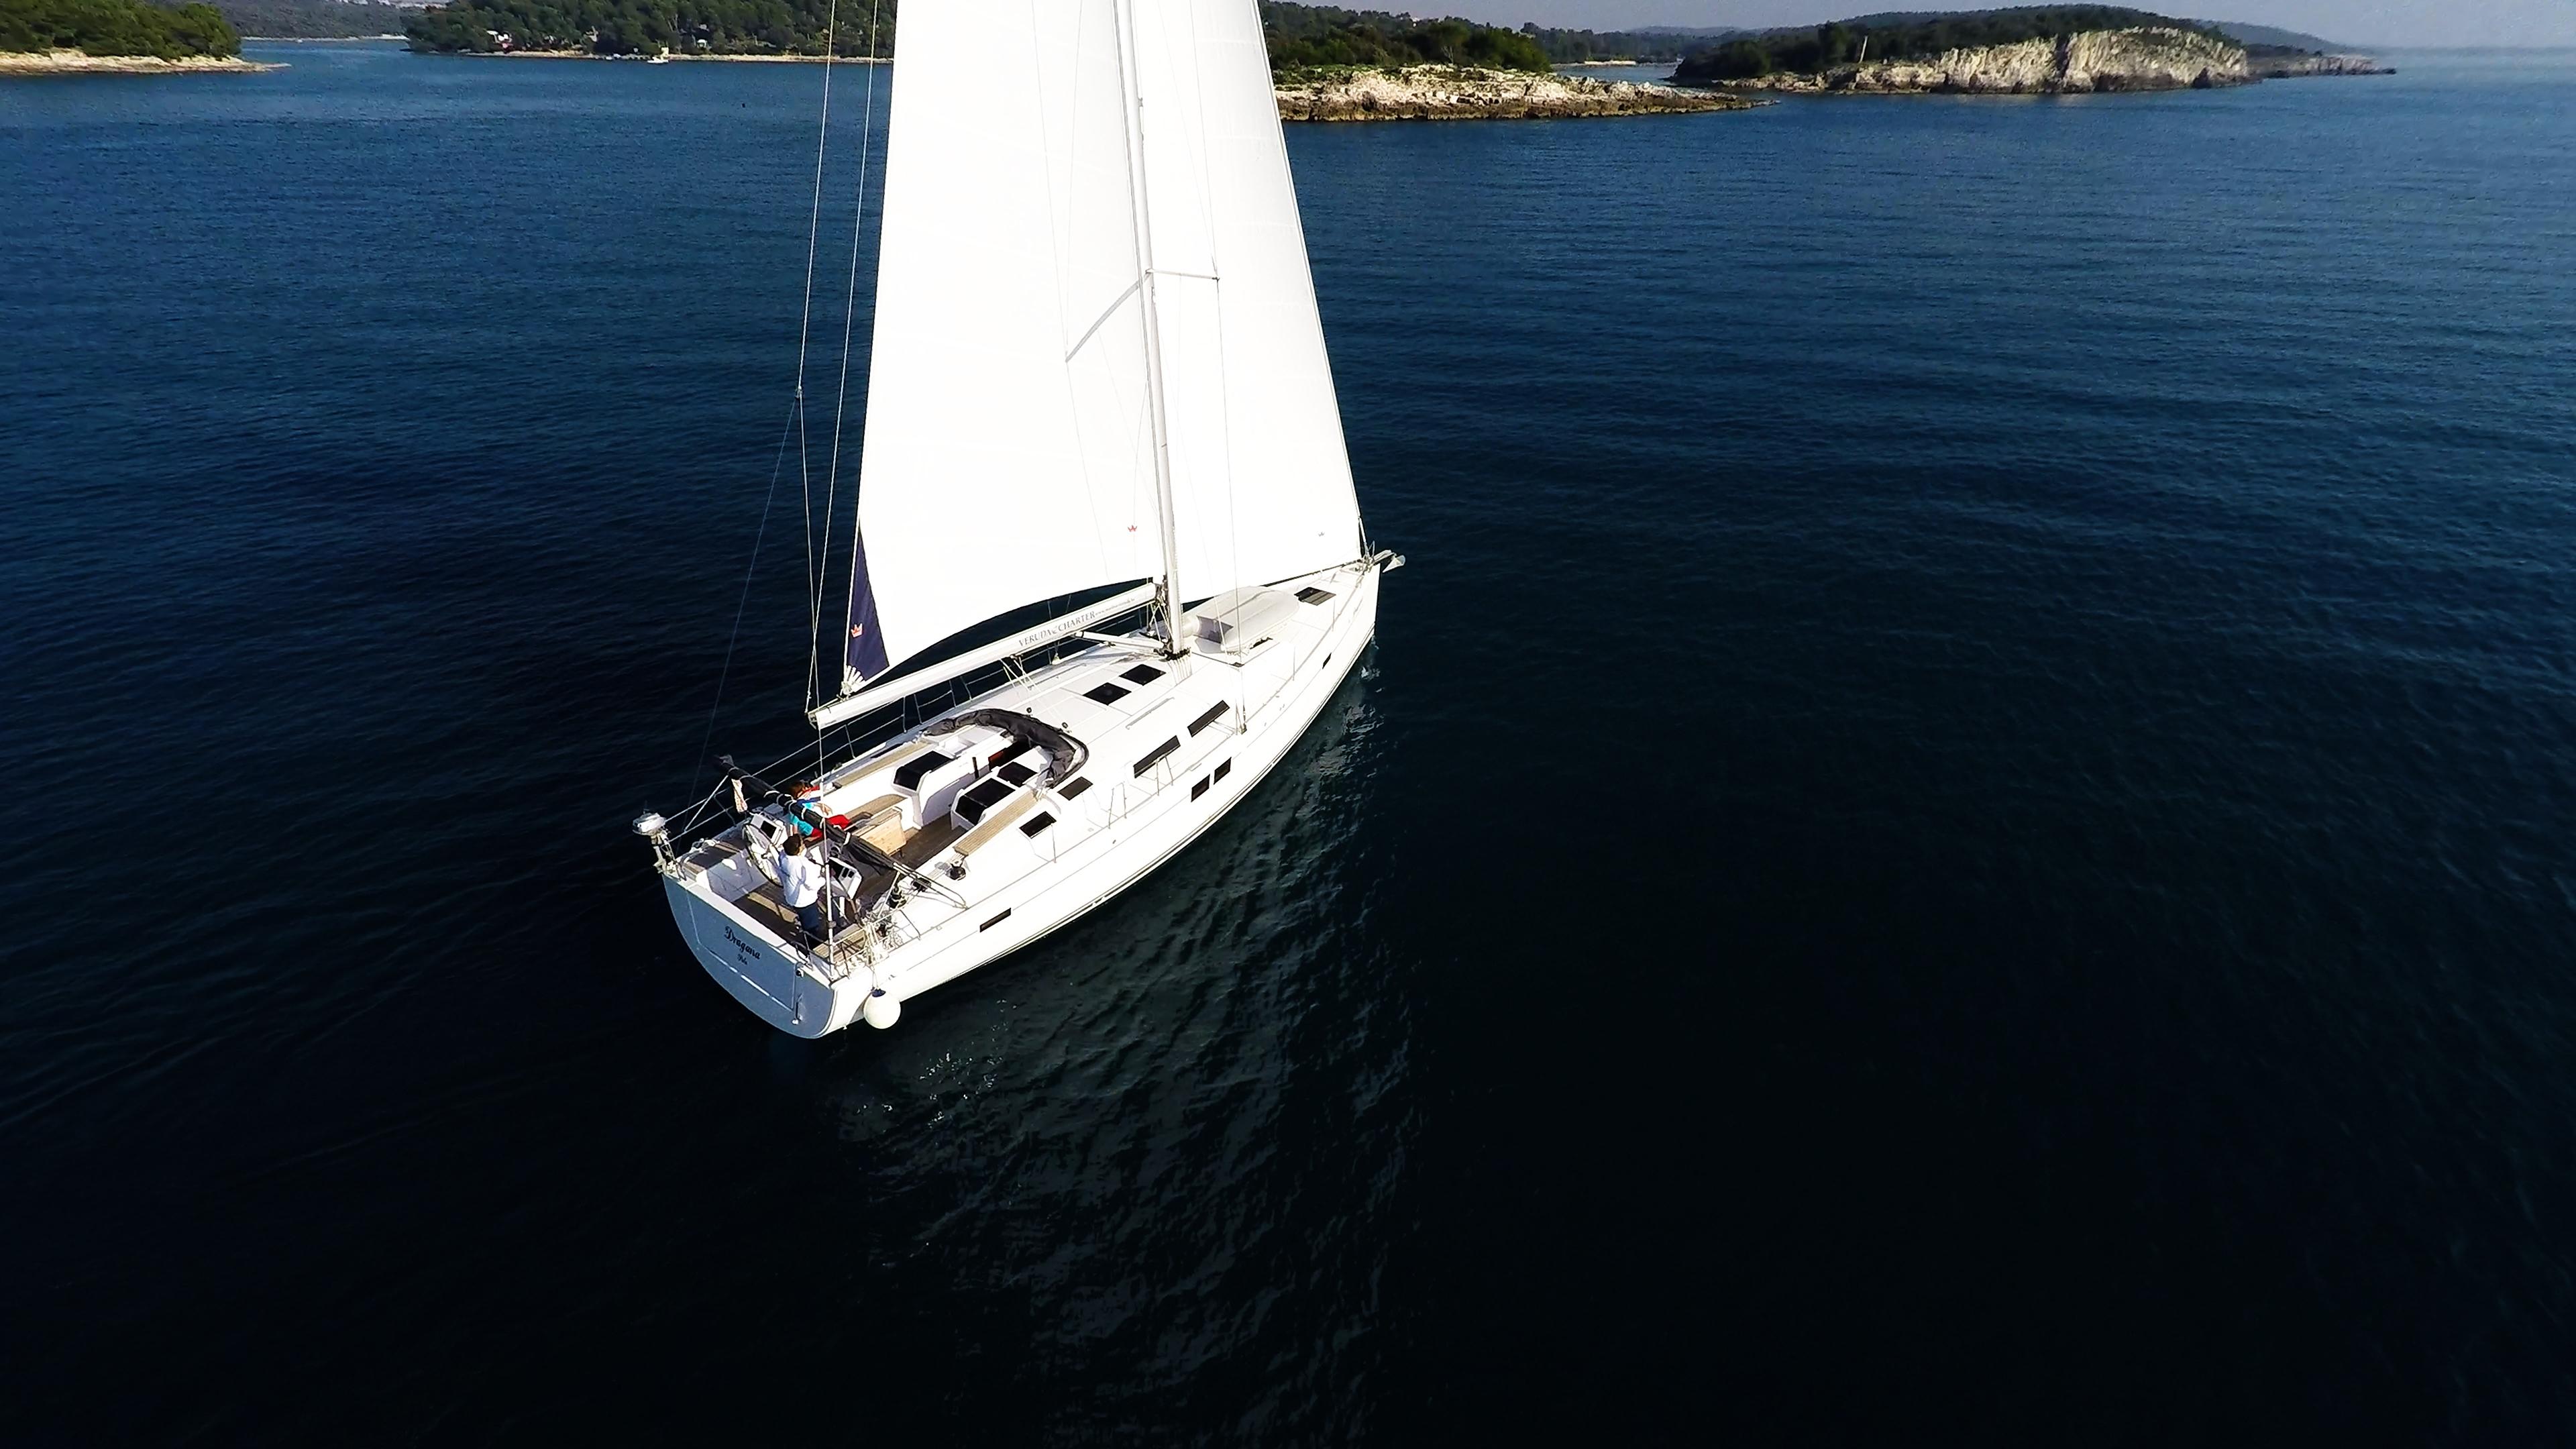 barcha a vela barca a vela Hanse 505 vele ponte pozzetto isole del mare